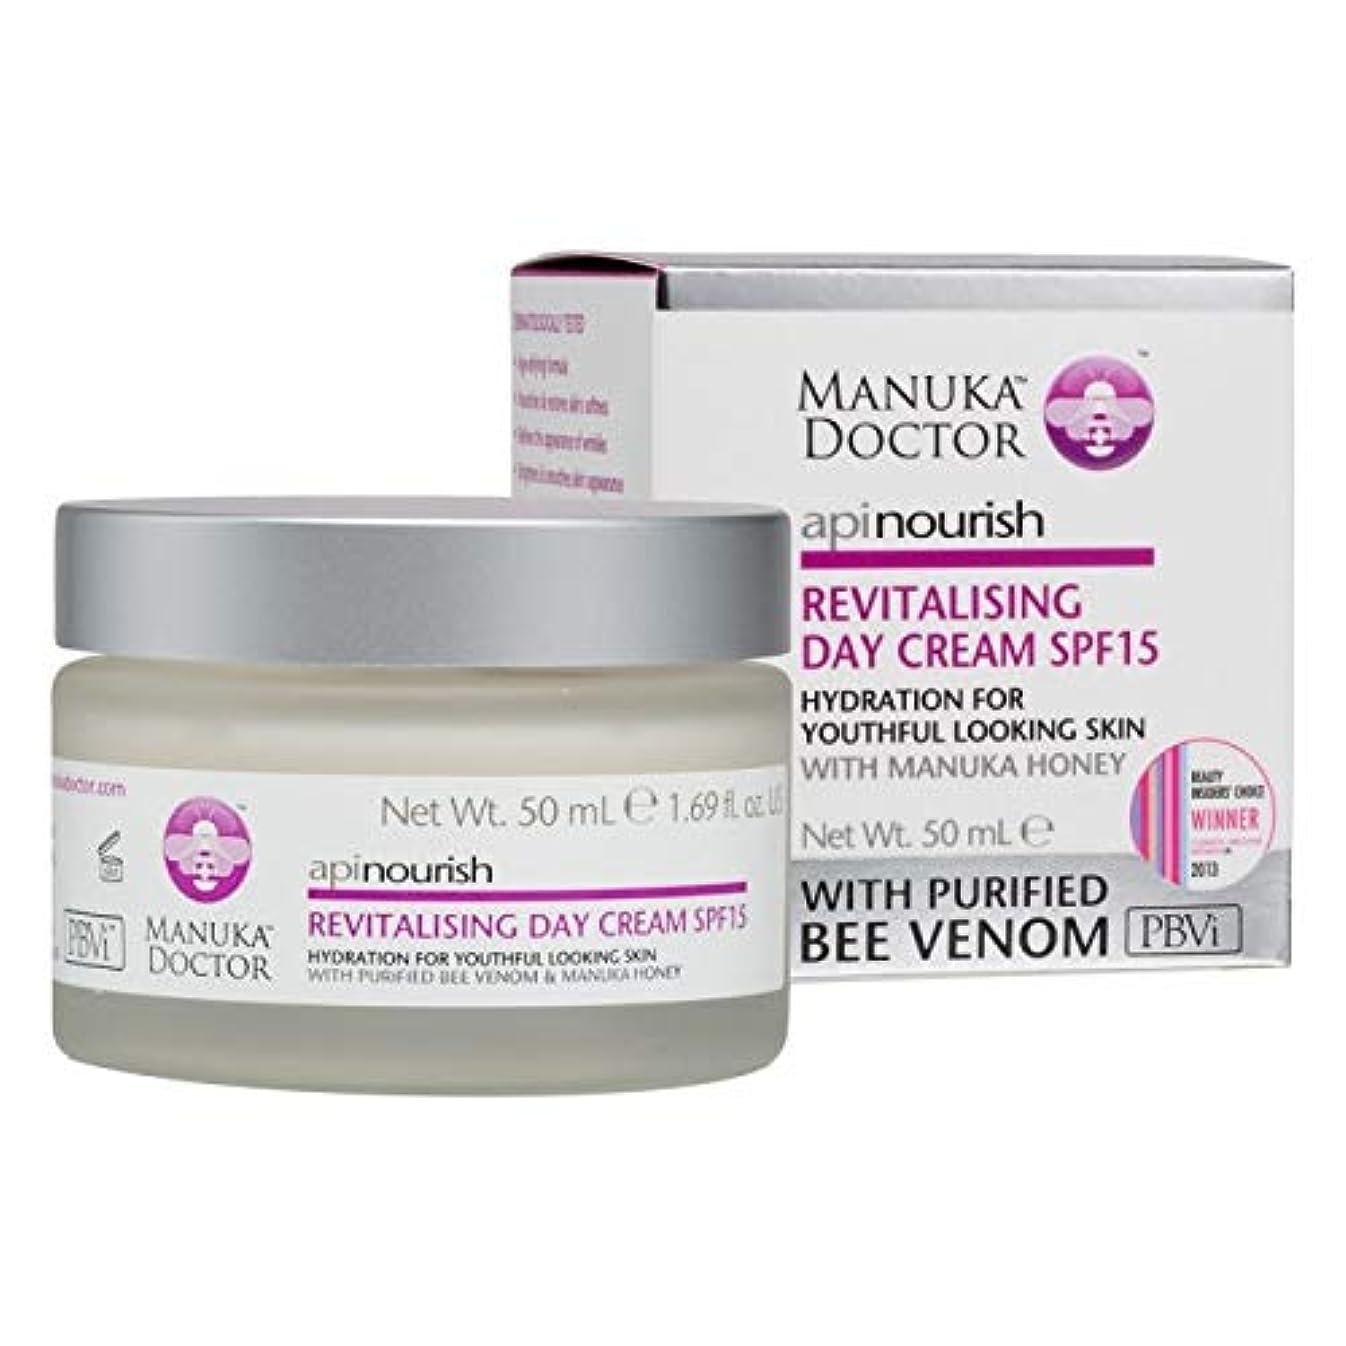 専門用語思春期の最終Manuka Doctor Api Nourish Revitalising Day Cream SPF15 50ml - マヌカドクターデイクリーム15の50ミリリットルの活性化養います [並行輸入品]